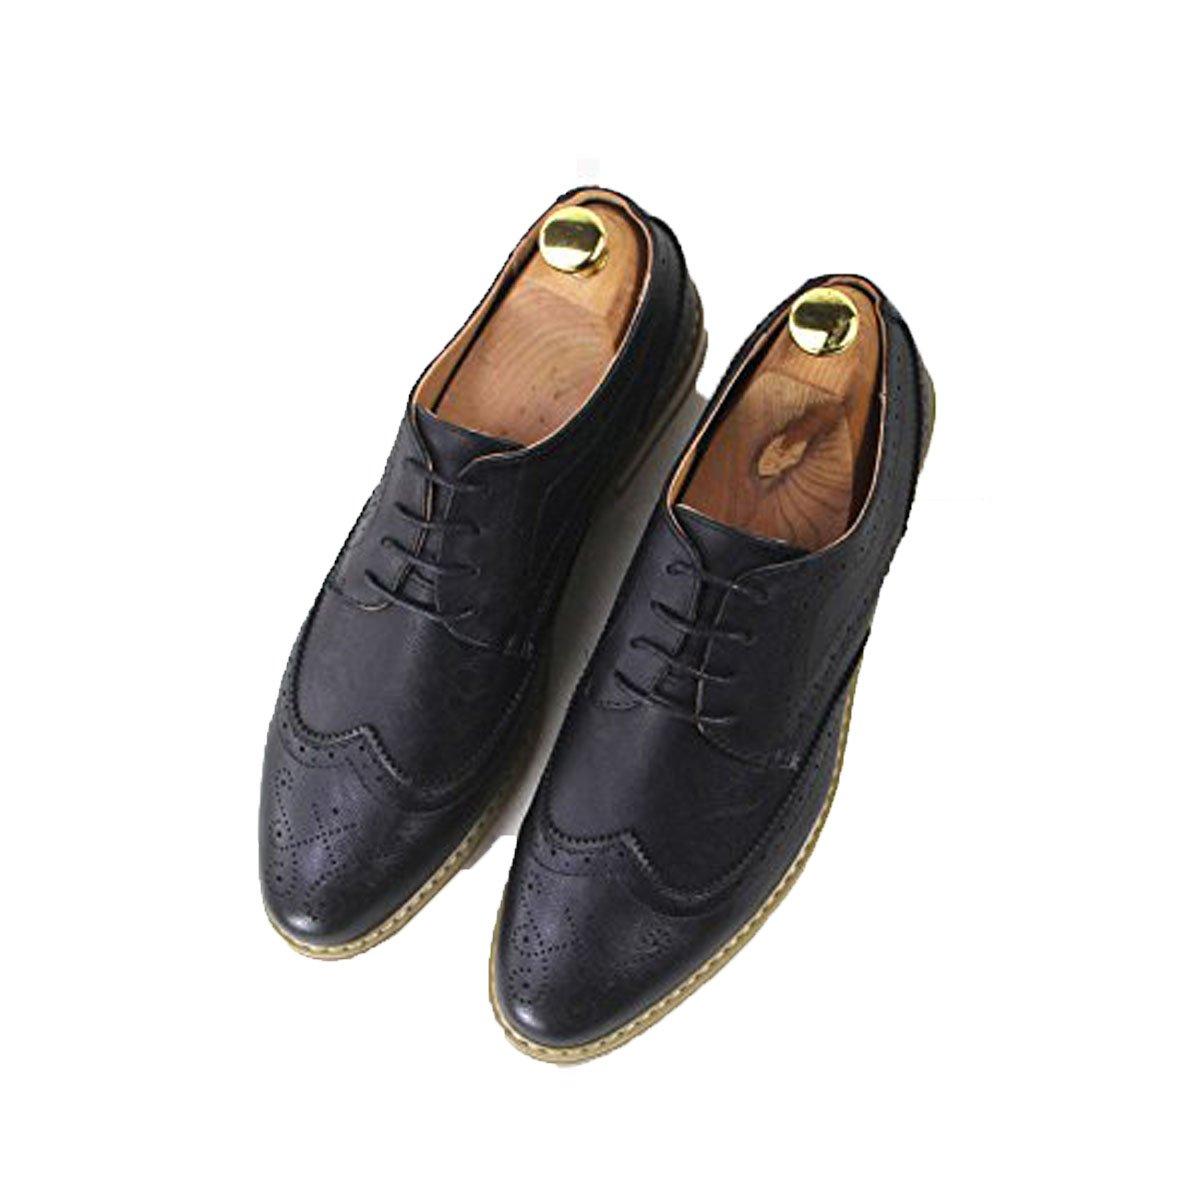 Koyi Los Zapatos De Brooke De Los Hombres del Verano Visten El Desgaste De Deslizamiento Cómodo Transpirable De La Moda De Los Jóvenes del Verano 42 EU|Black